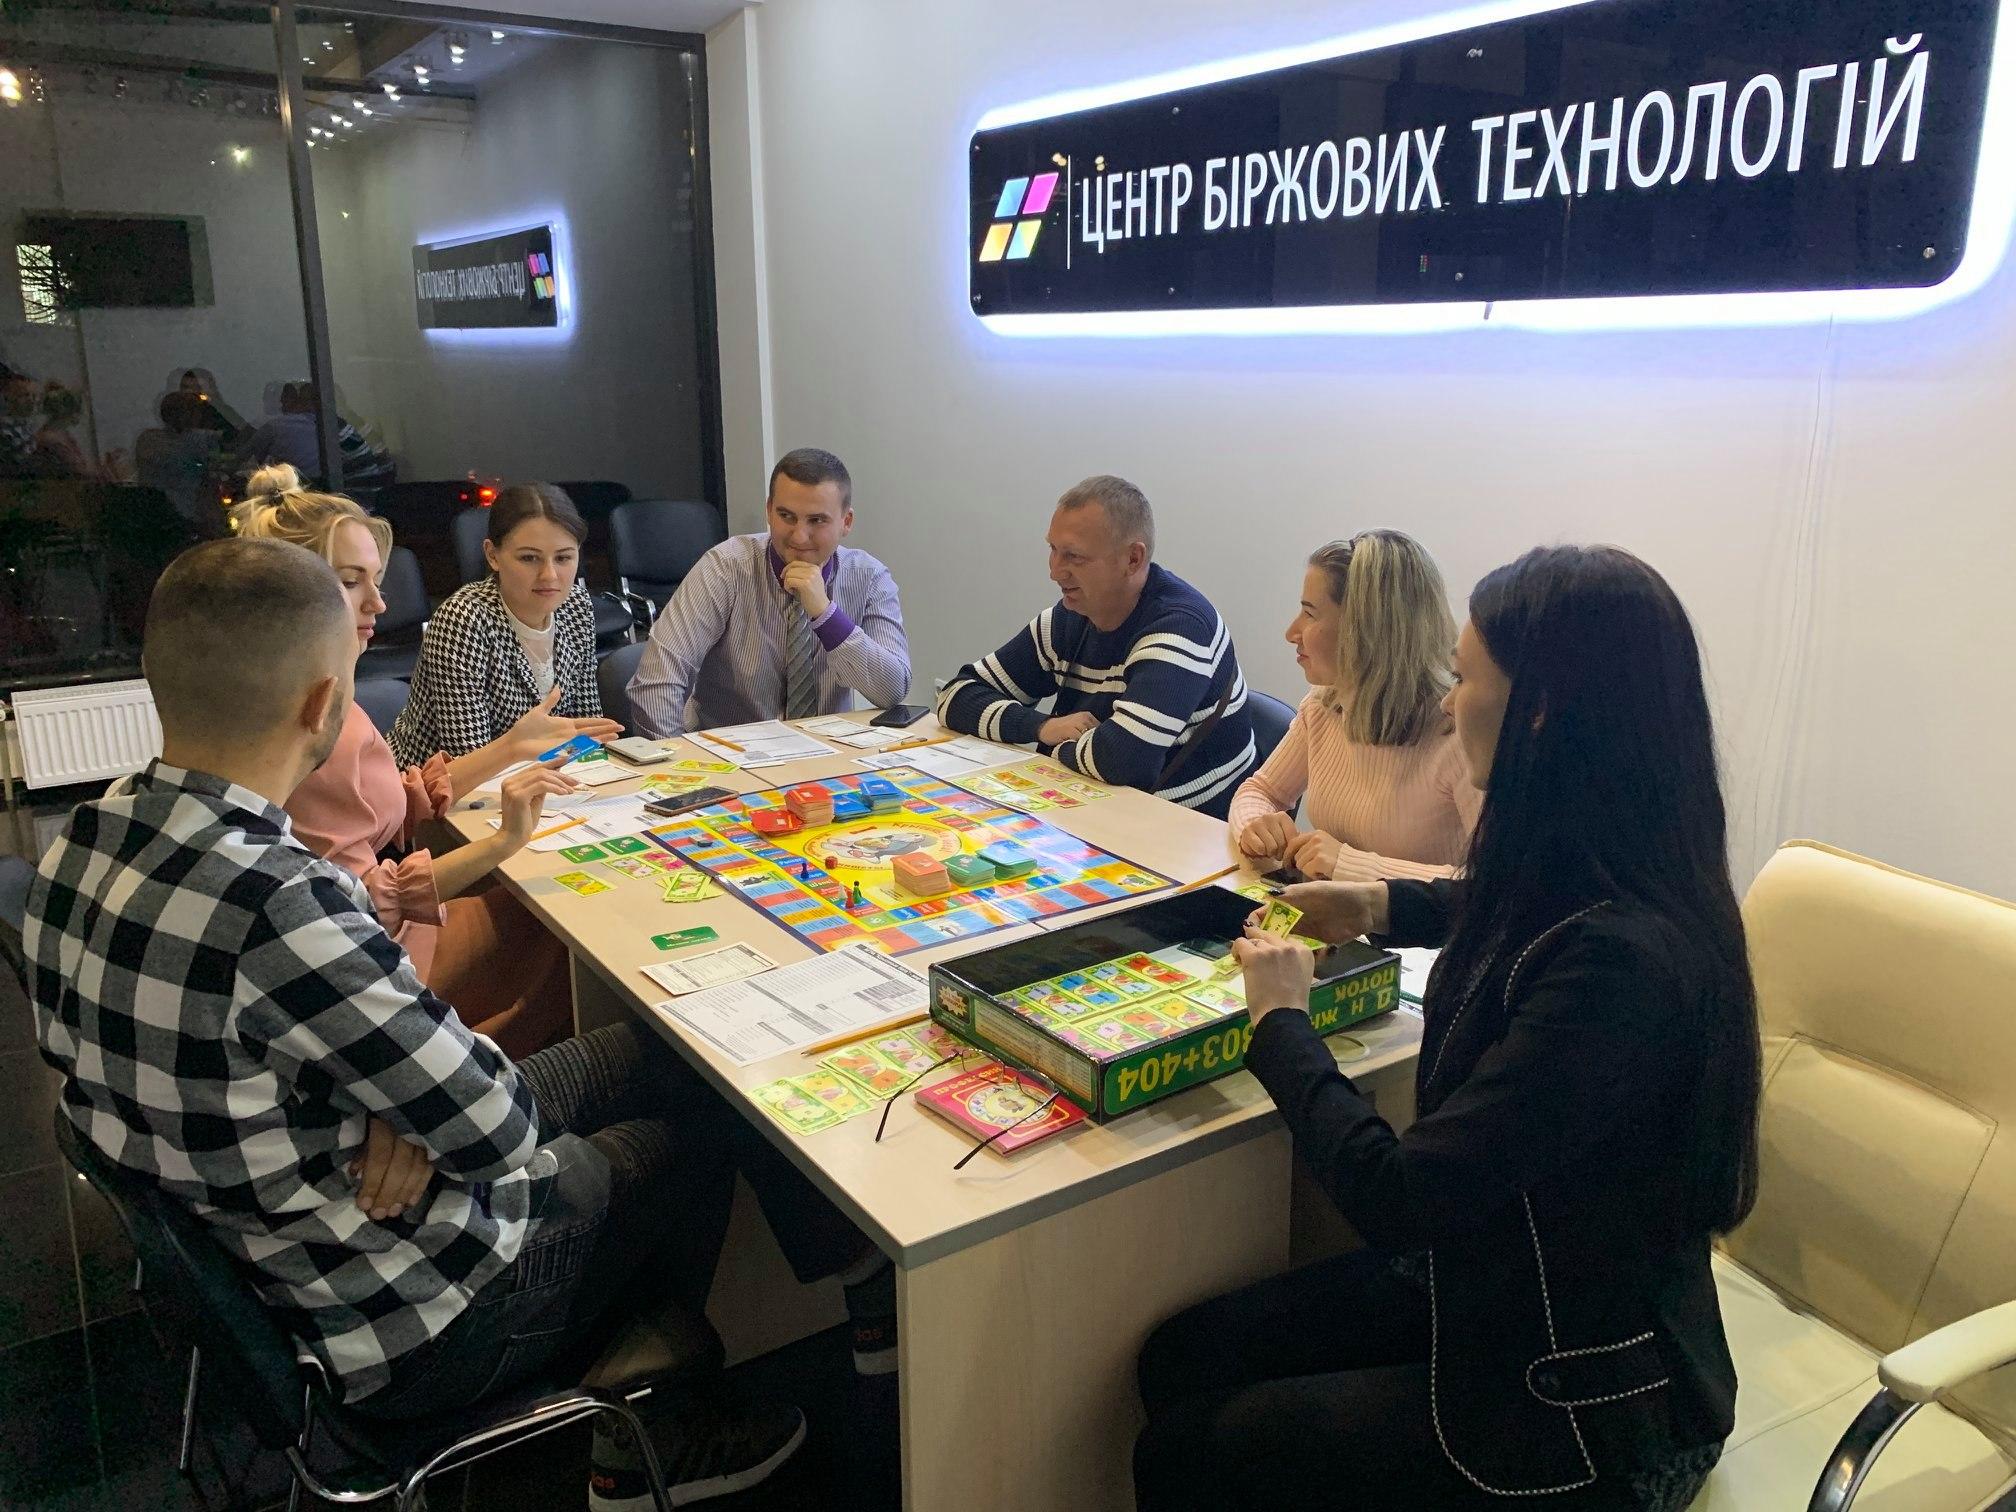 Центр Біржових Технологій міста Чернівці запрошує всіх бажаючих взяти участь в наступних іграх Cash Flow - 3 фото